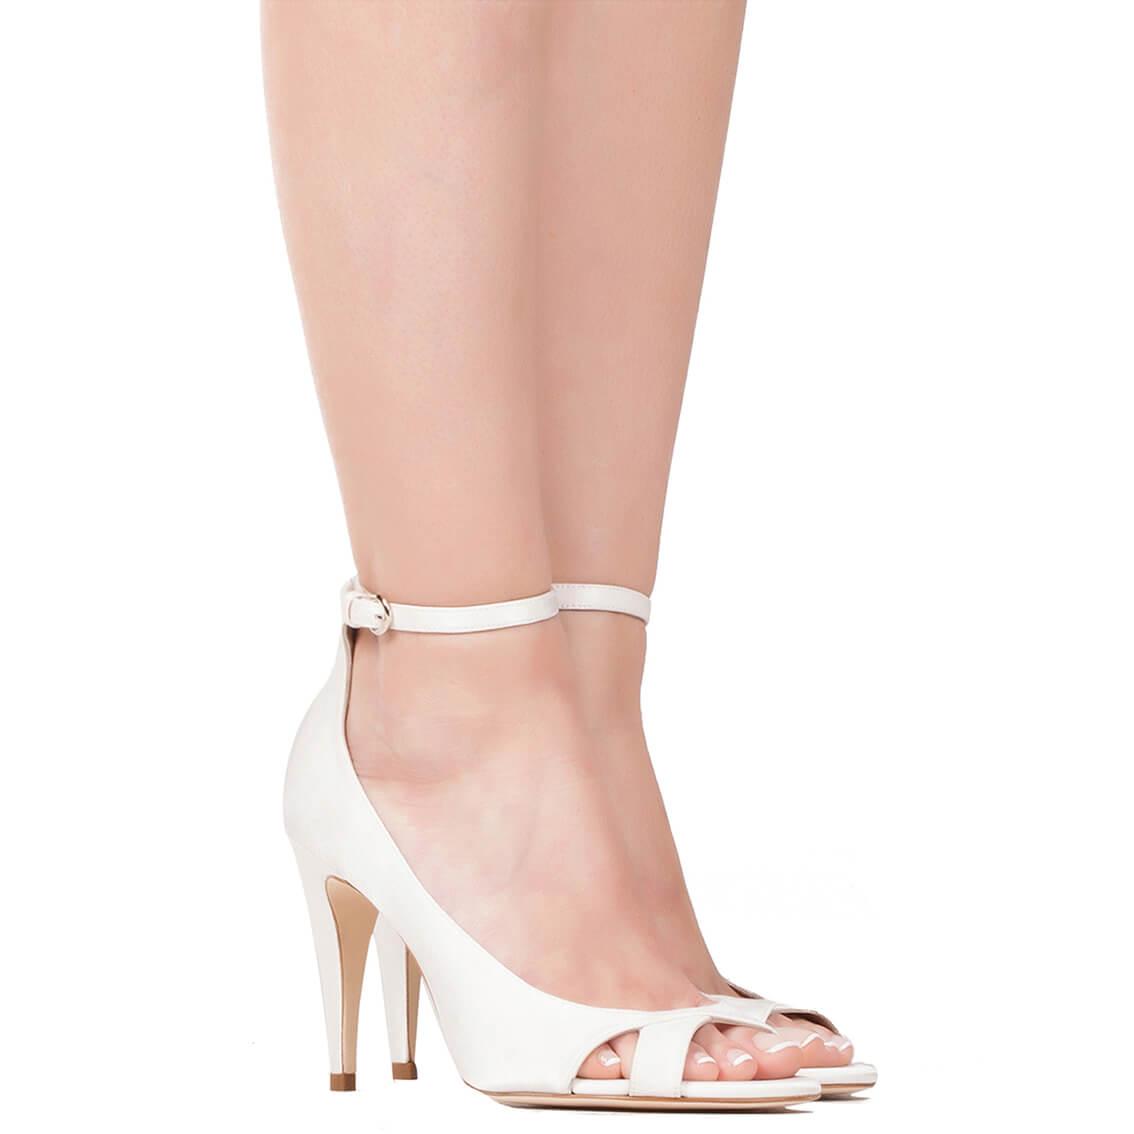 d24df6b158b High heel bridal sandals - online shoe store Pura Lopez . PURA LOPEZ